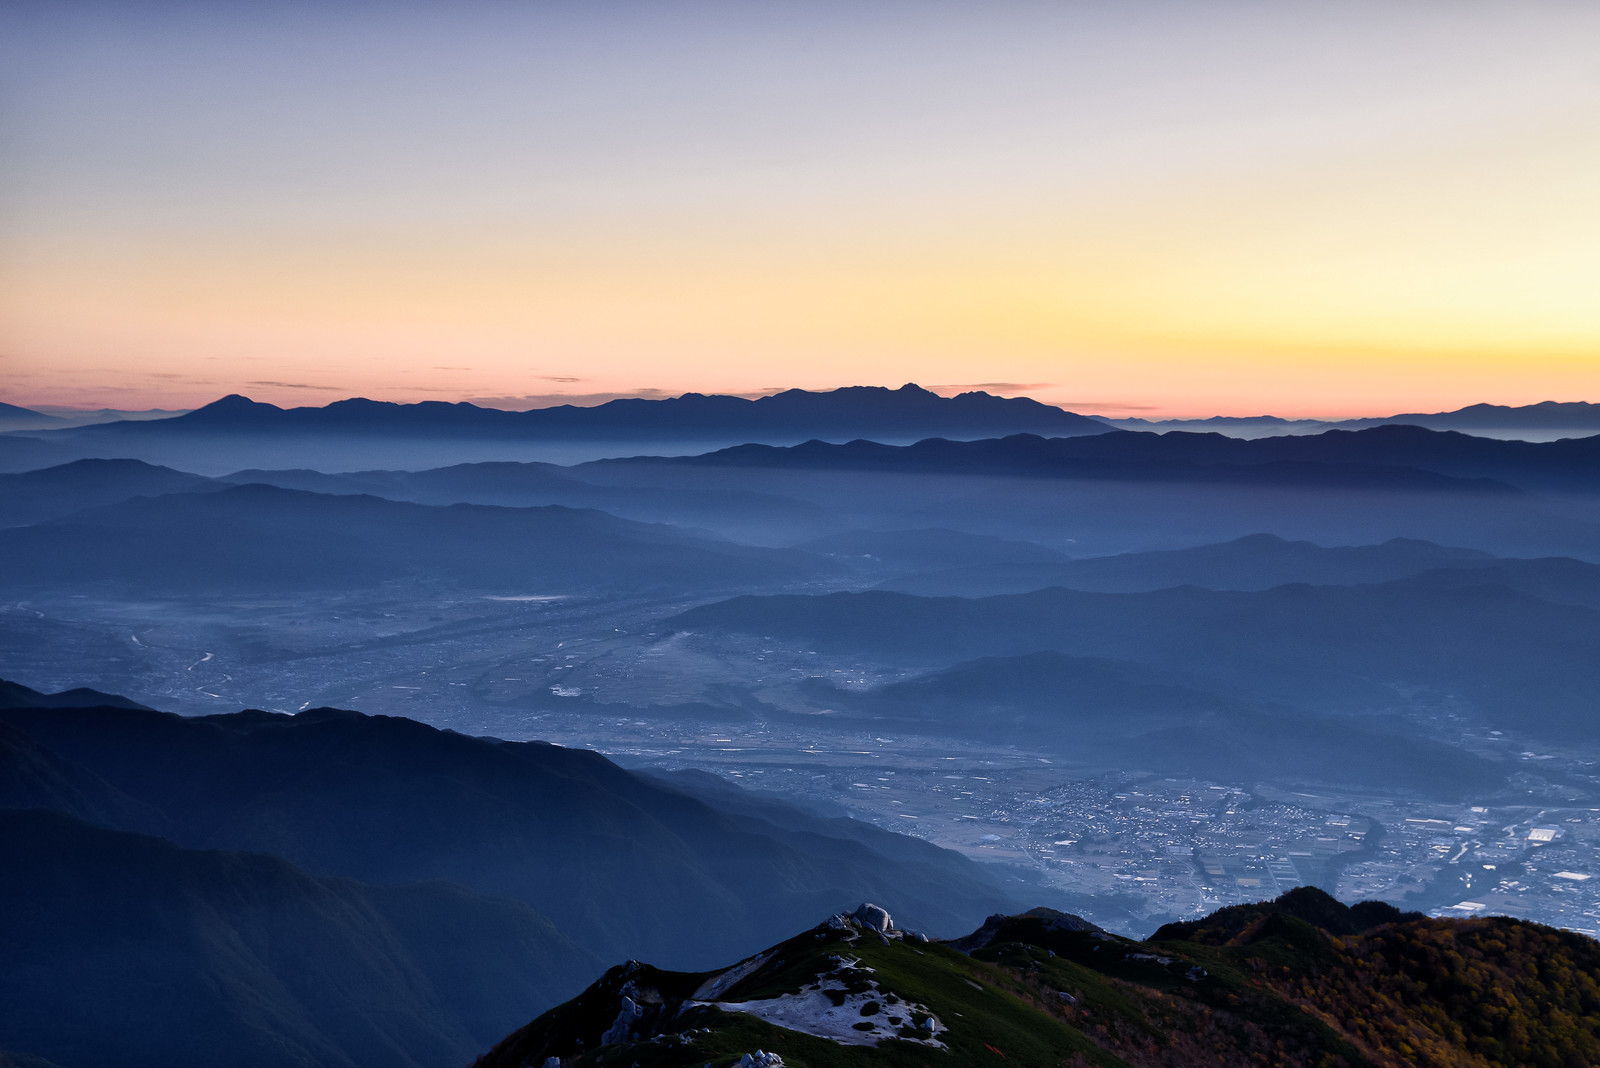 「眼下に広がる伊那市の街並みと明朝の八ヶ岳」の写真